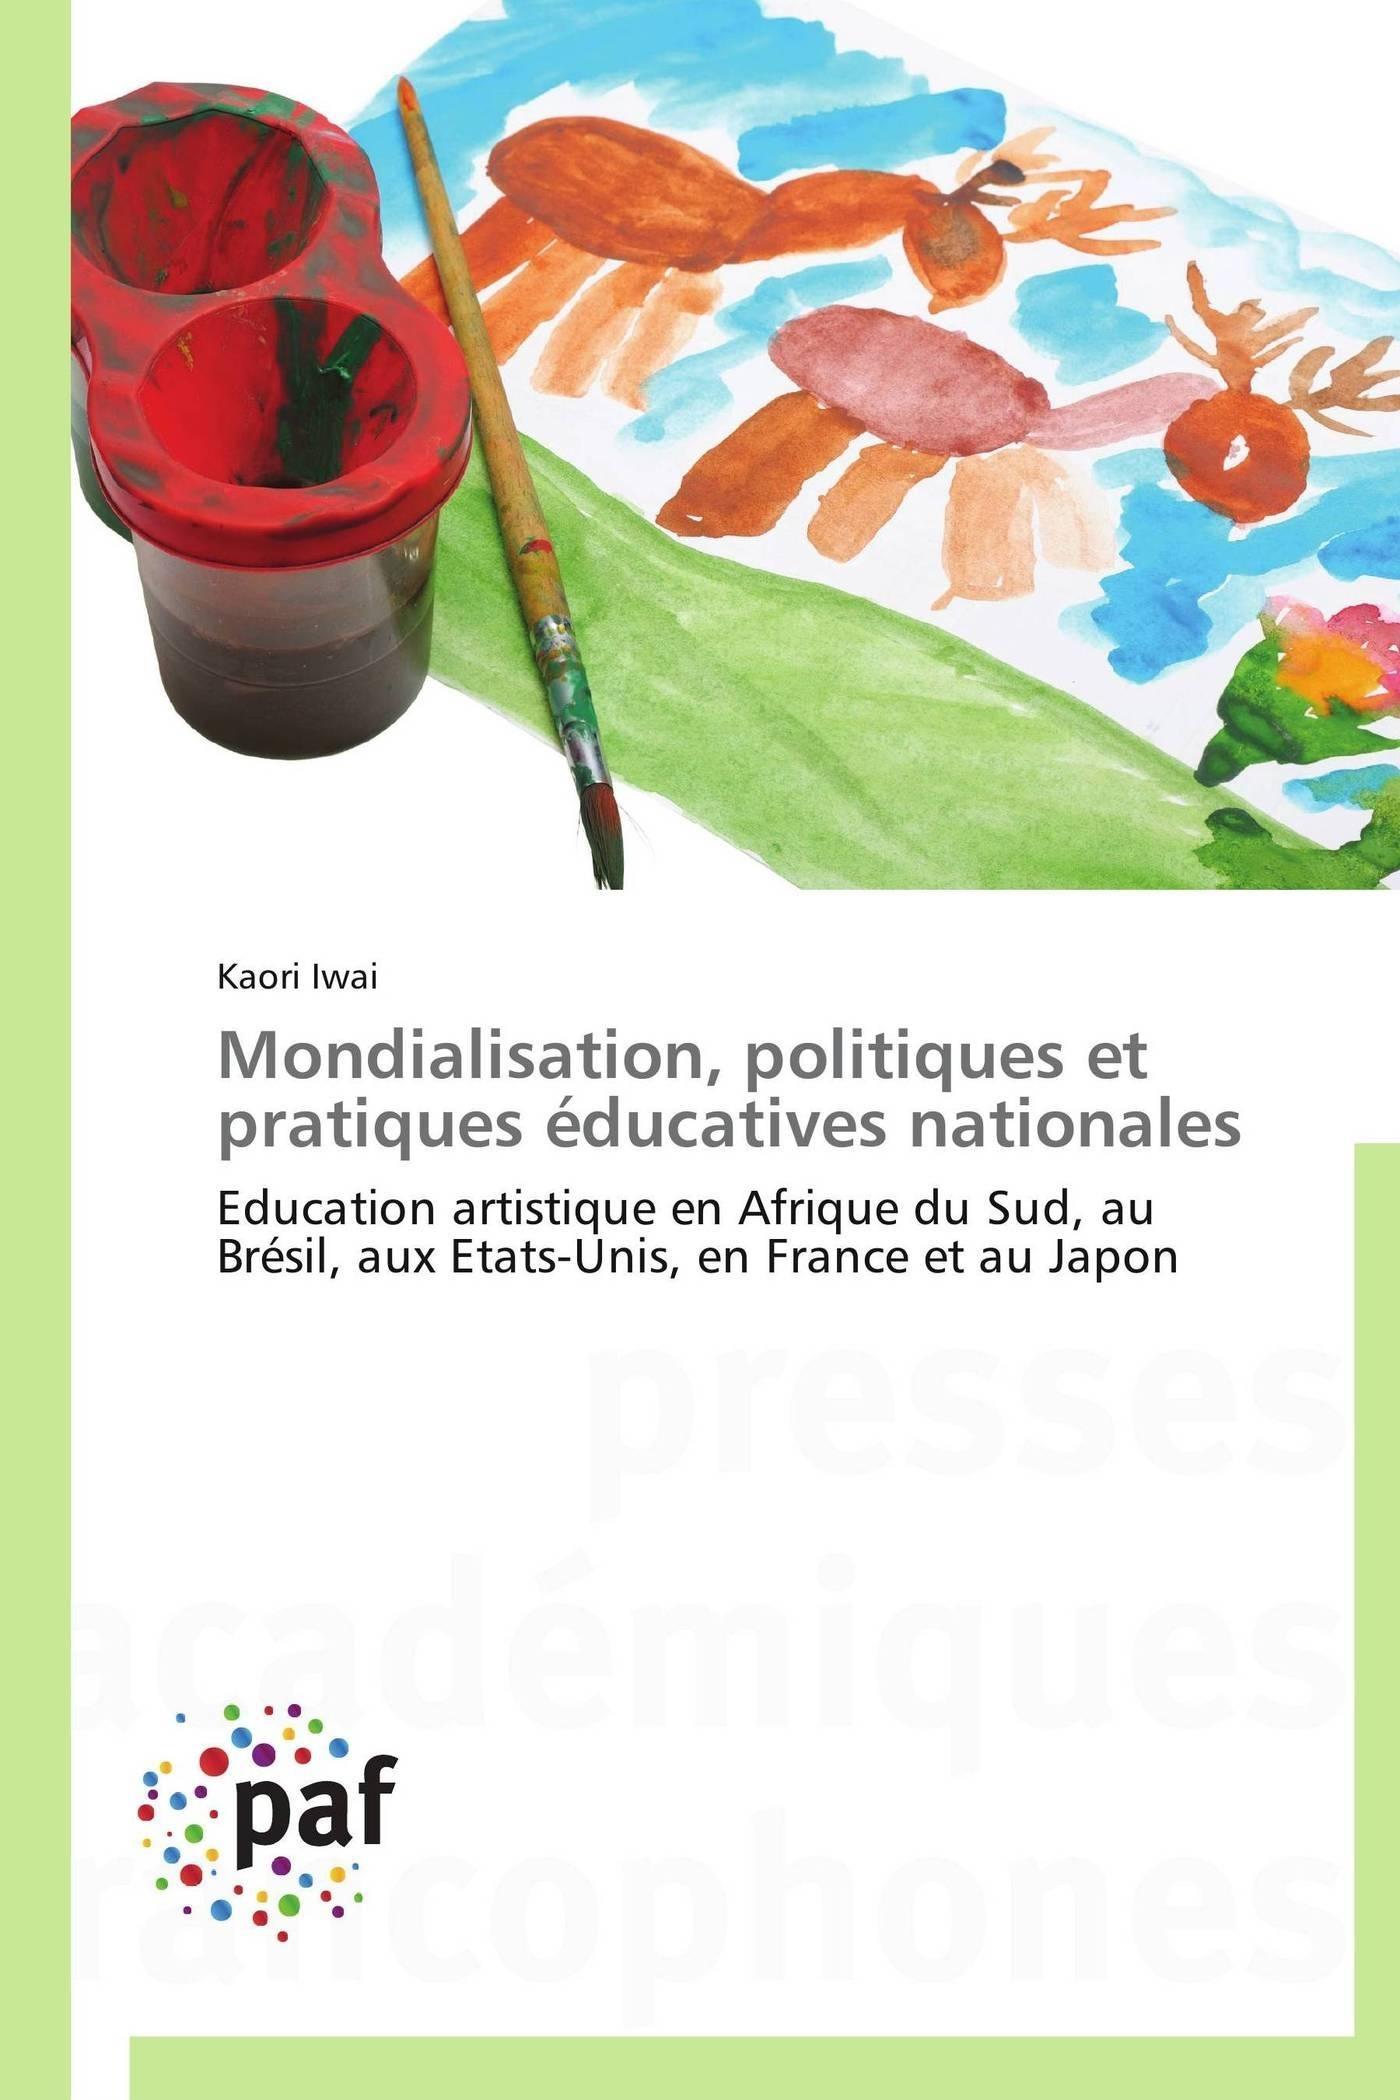 MONDIALISATION, POLITIQUES ET PRATIQUES EDUCATIVES NATIONALES